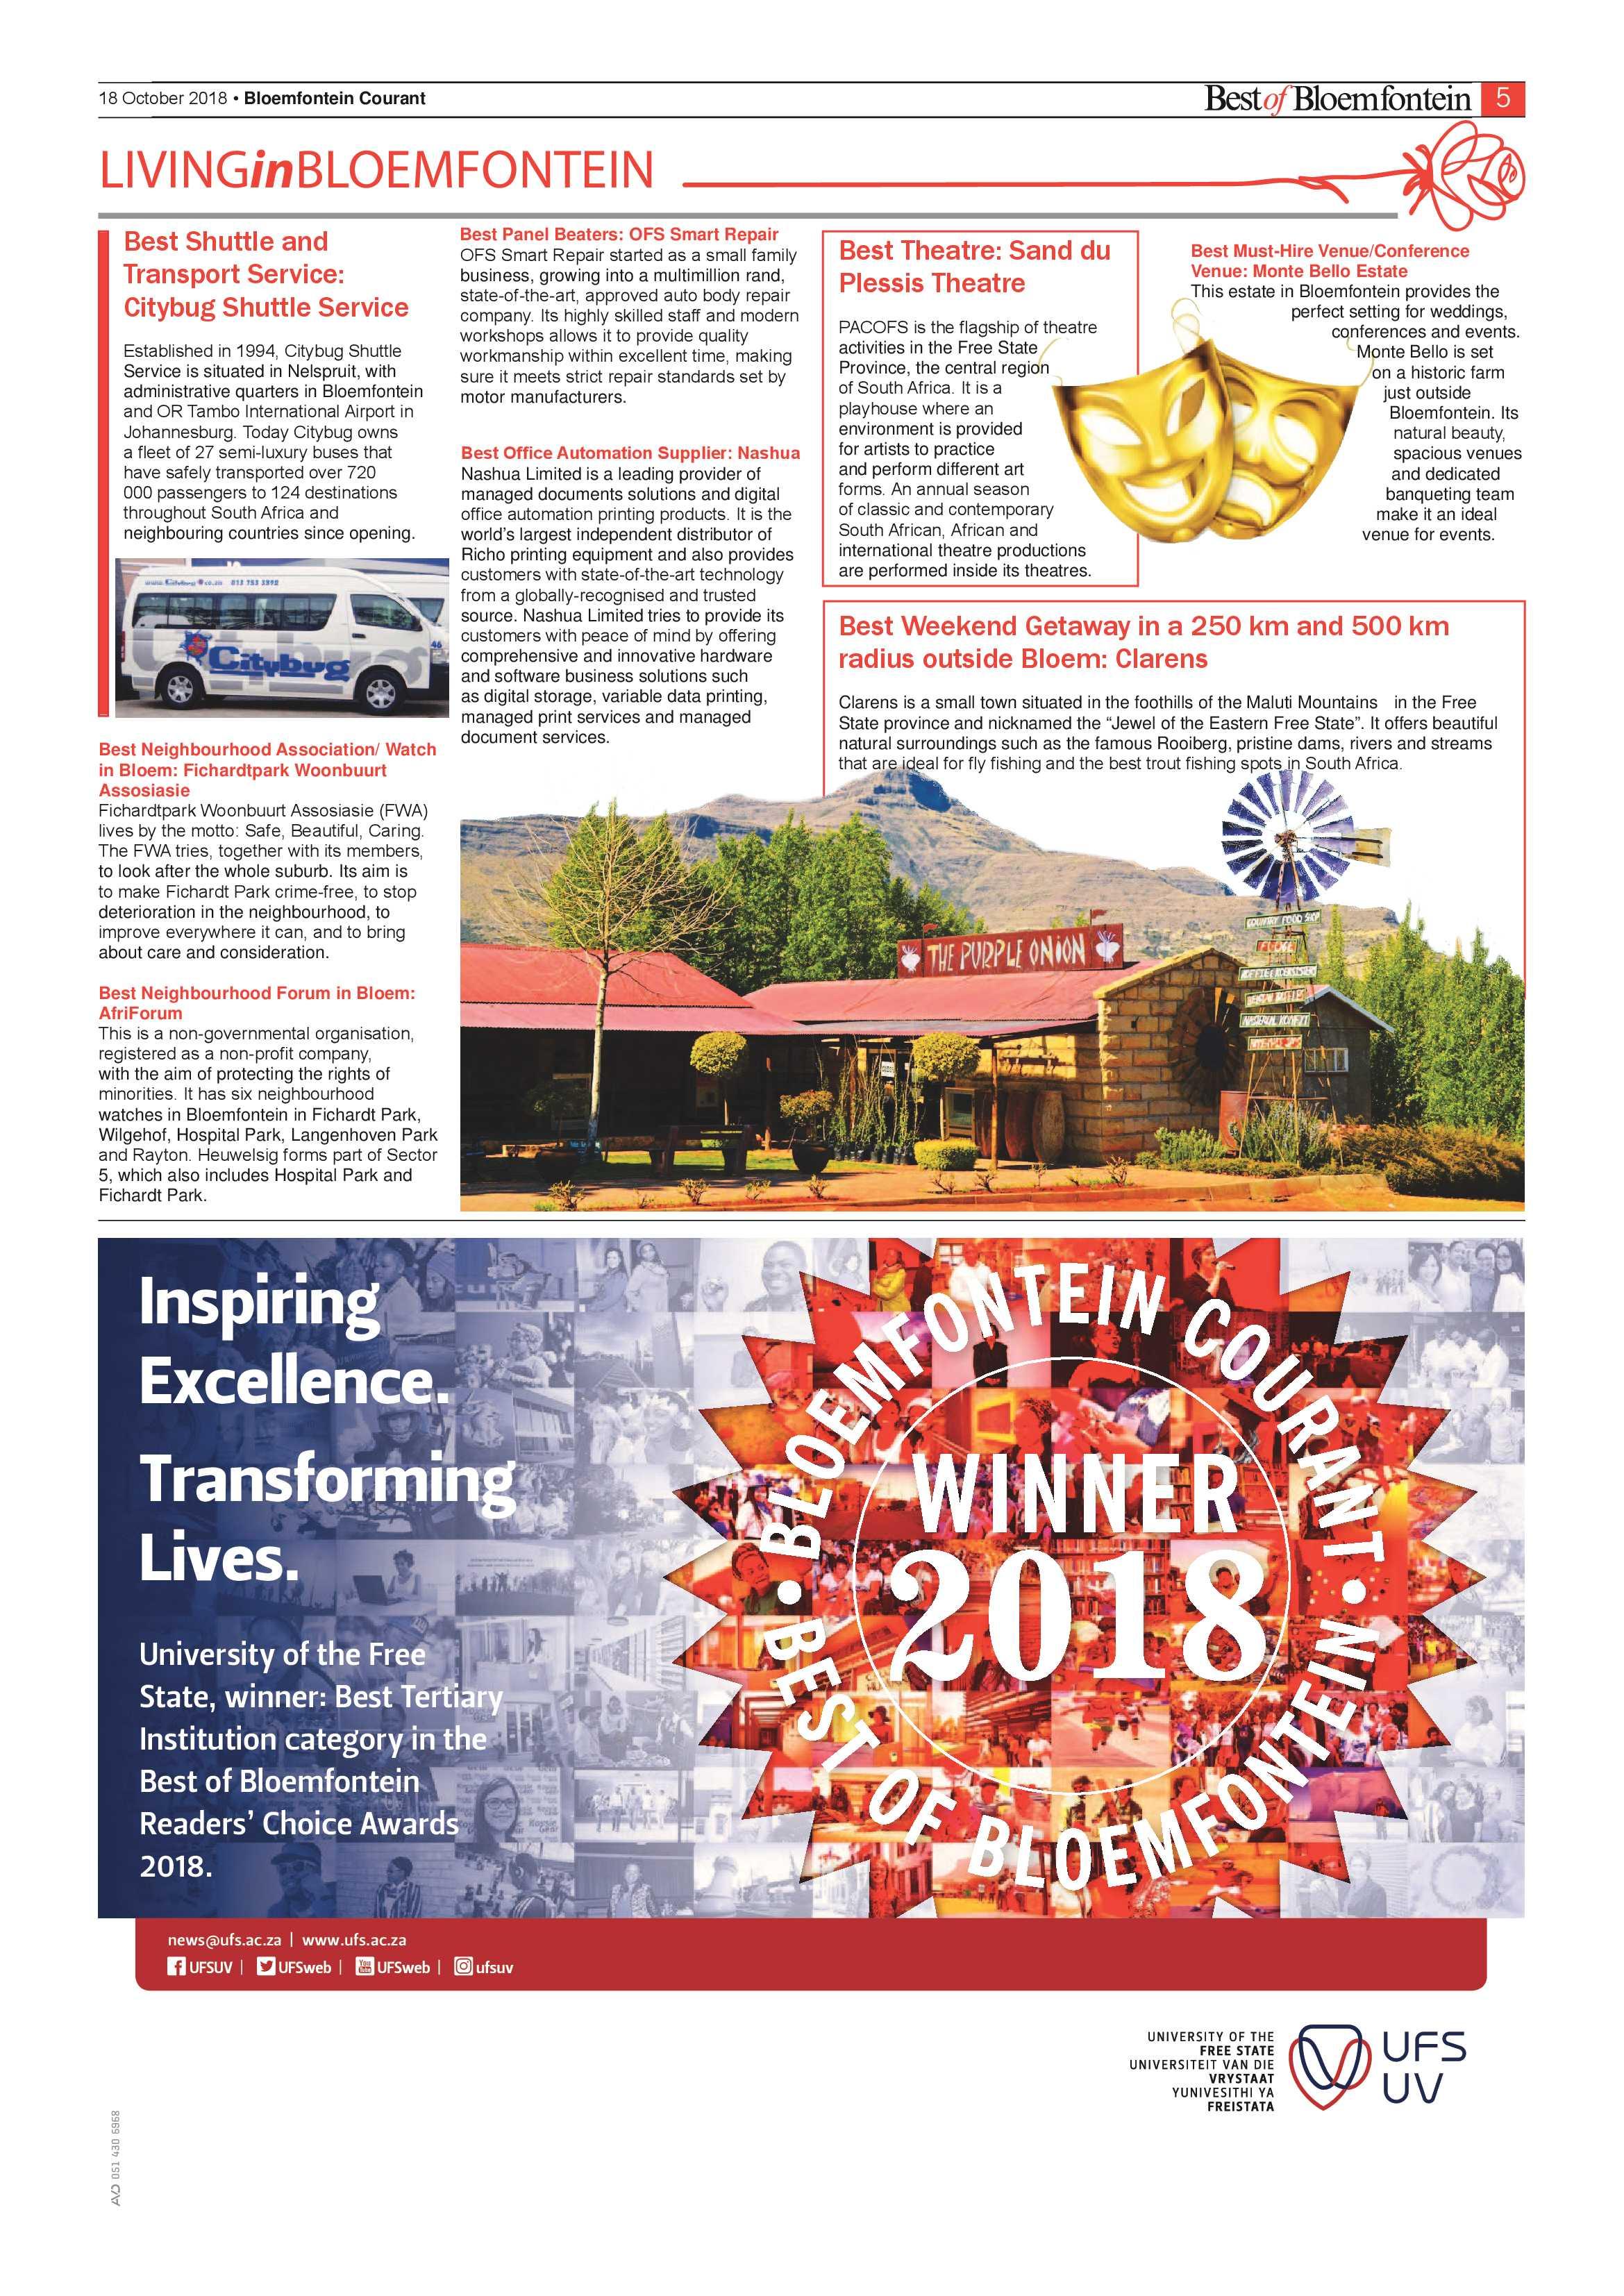 best-of-bloemfontein-2018-epapers-page-5